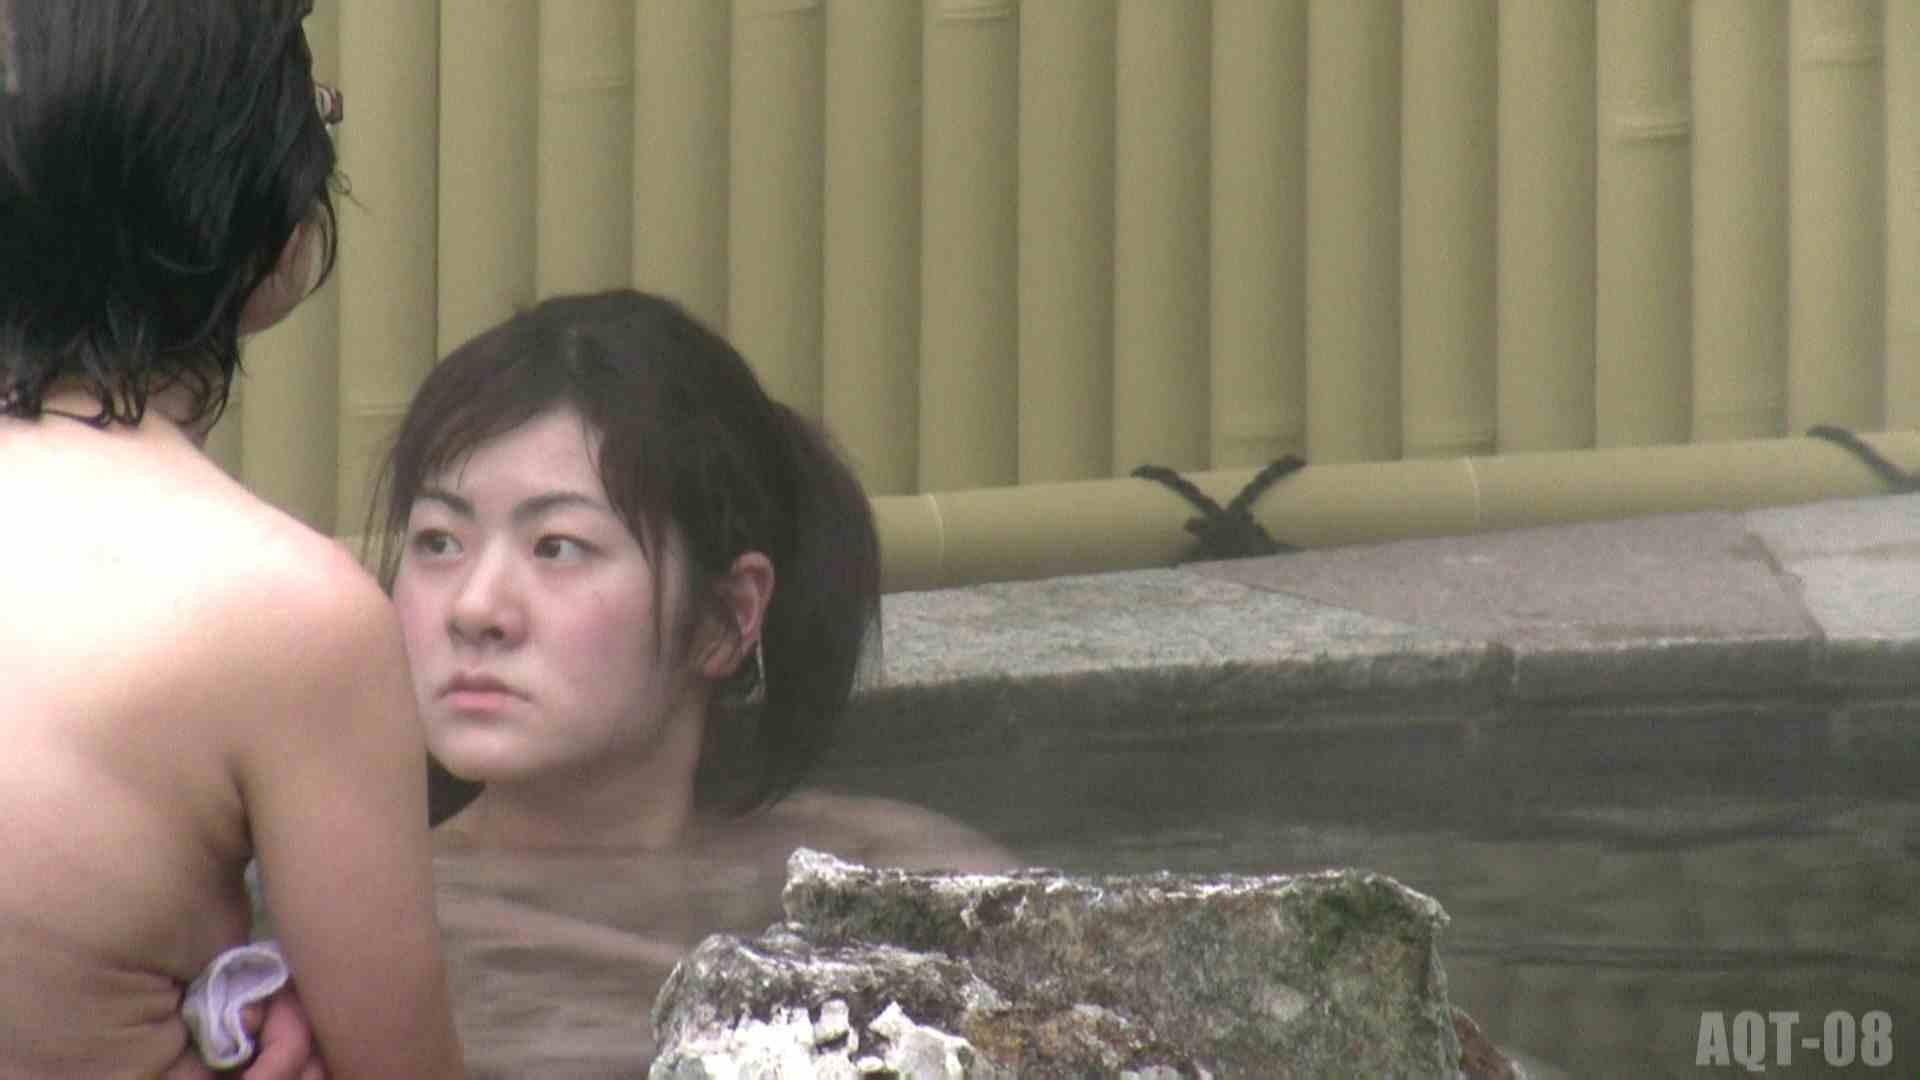 Aquaな露天風呂Vol.774 0  83pic 28